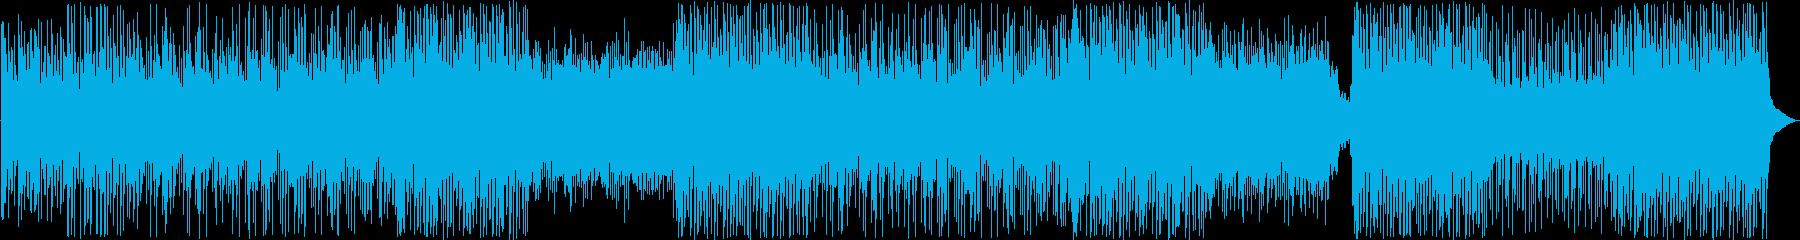 モダンでクールなオリジナルのクリス...の再生済みの波形